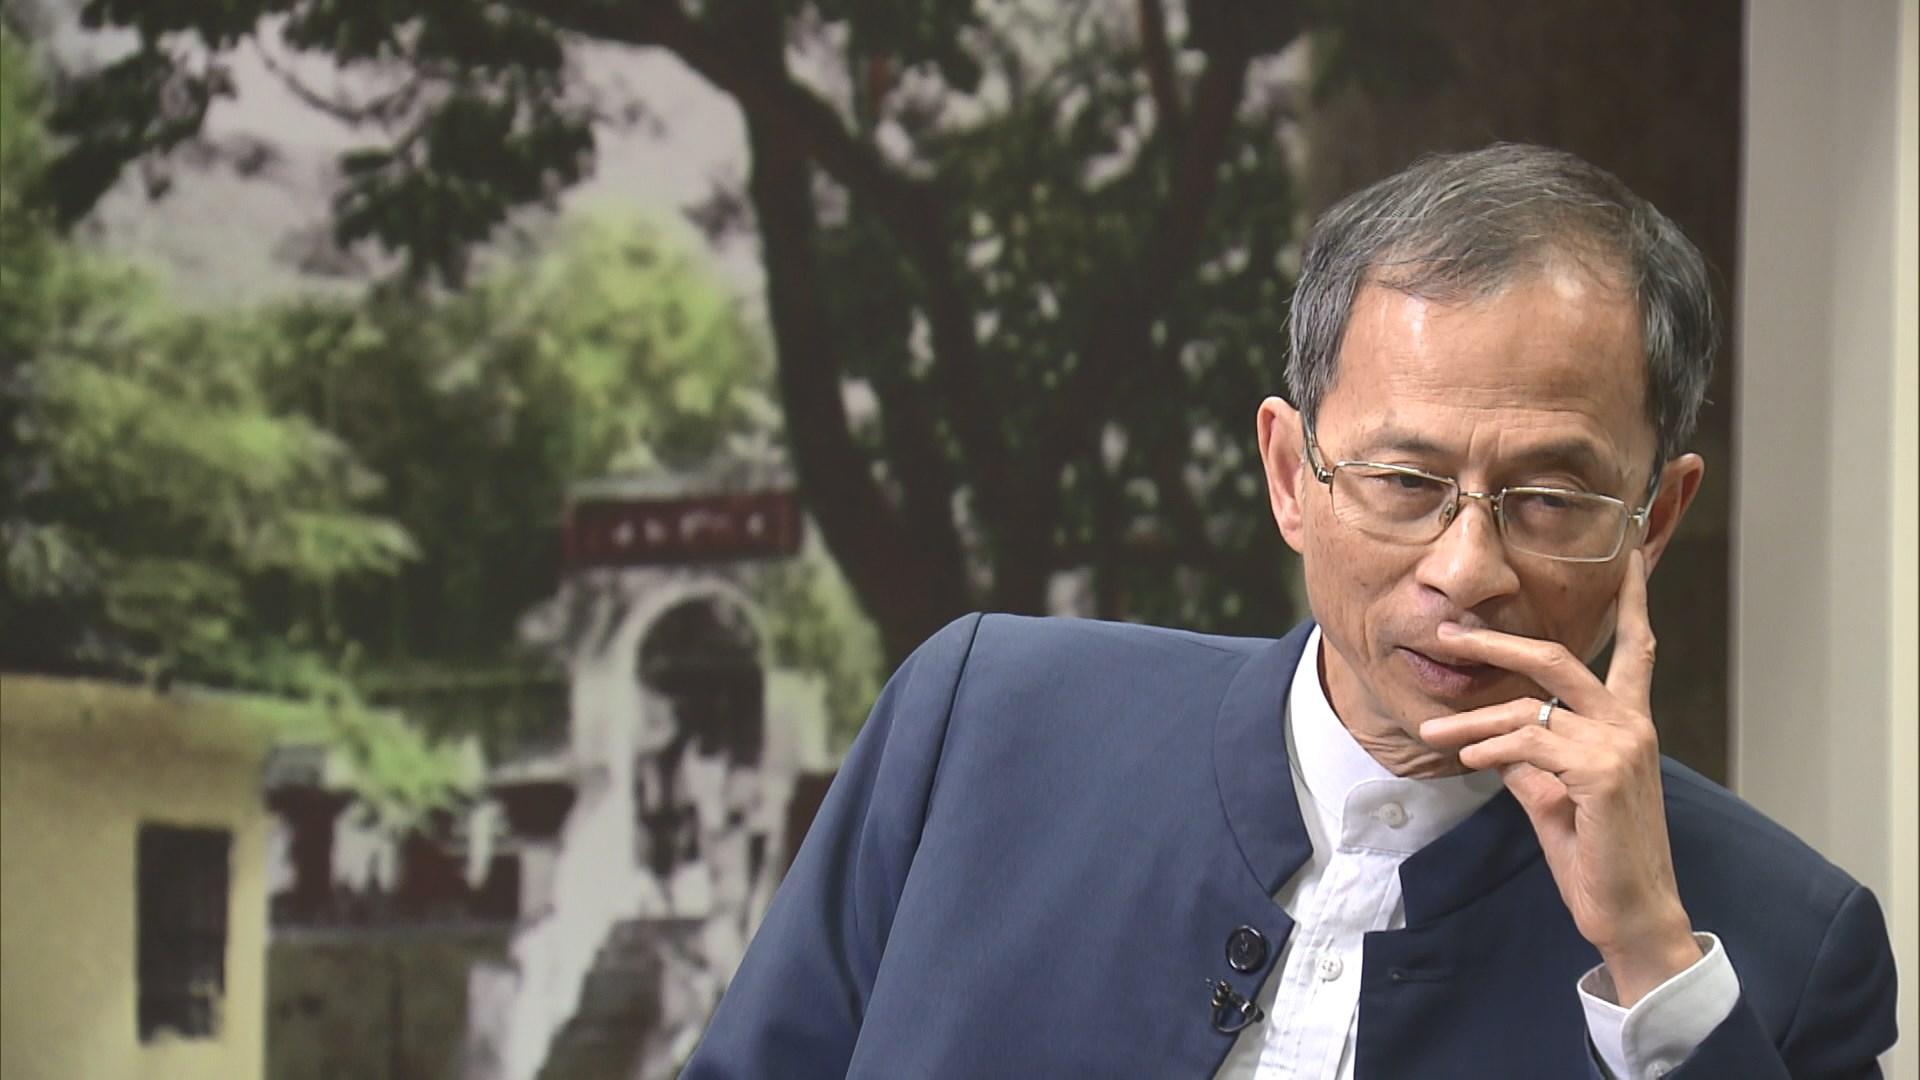 【專訪】曾鈺成:可考慮831框架外討論重啟政改